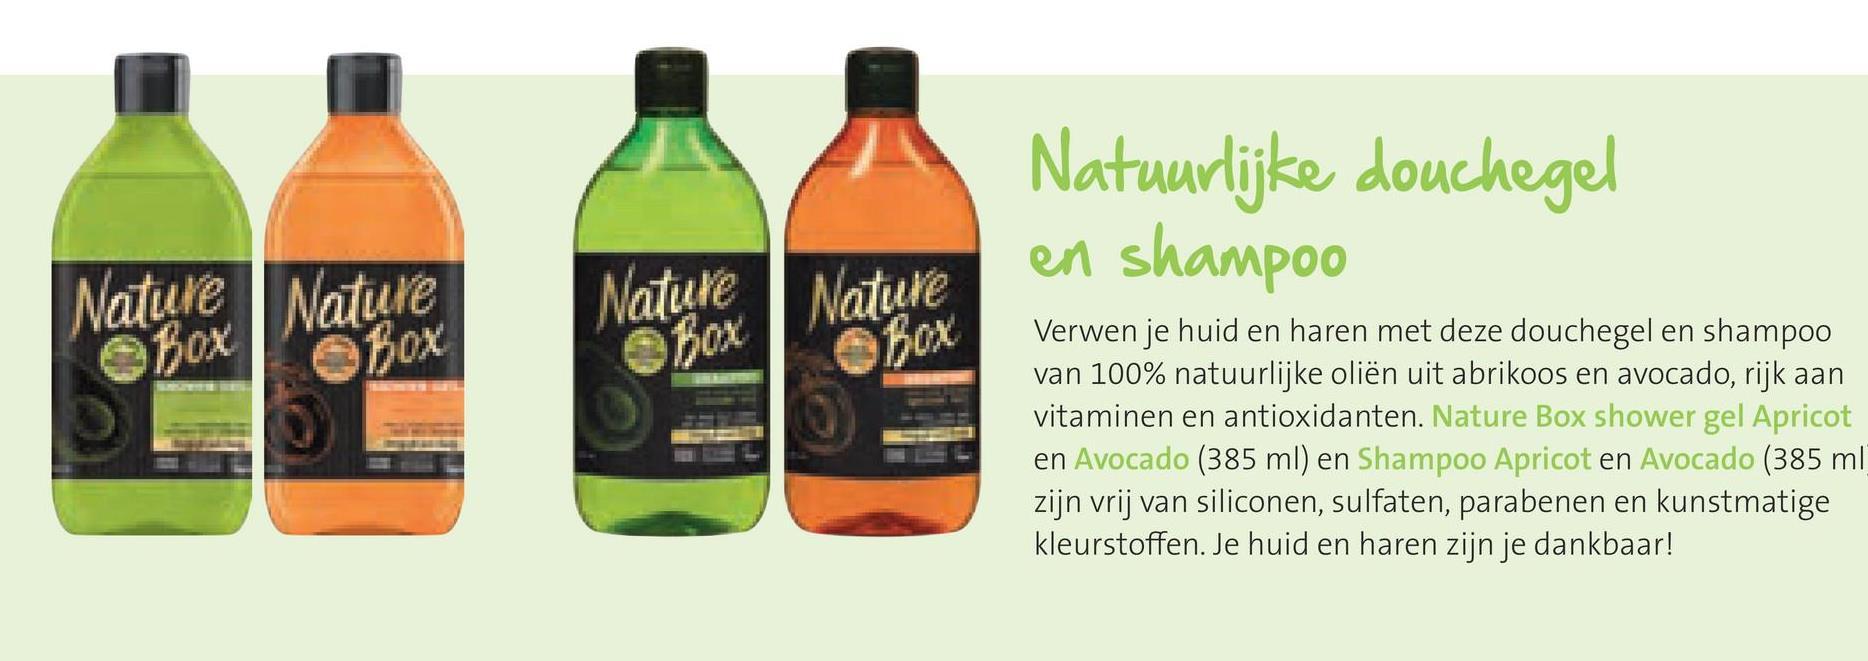 Natuurlijke douchegel en shampoo Nature BOX BOX Shox DOM Verwen je huid en haren met deze douchegel en shampoo van 100% natuurlijke oliën uit abrikoos en avocado, rijk aan vitaminen en antioxidanten. Nature Box shower gel Apricot en Avocado (385 ml) en Shampoo Apricot en Avocado (385 ml zijn vrij van siliconen, sulfaten, parabenen en kunstmatige kleurstoffen. Je huid en haren zijn je dankbaar!